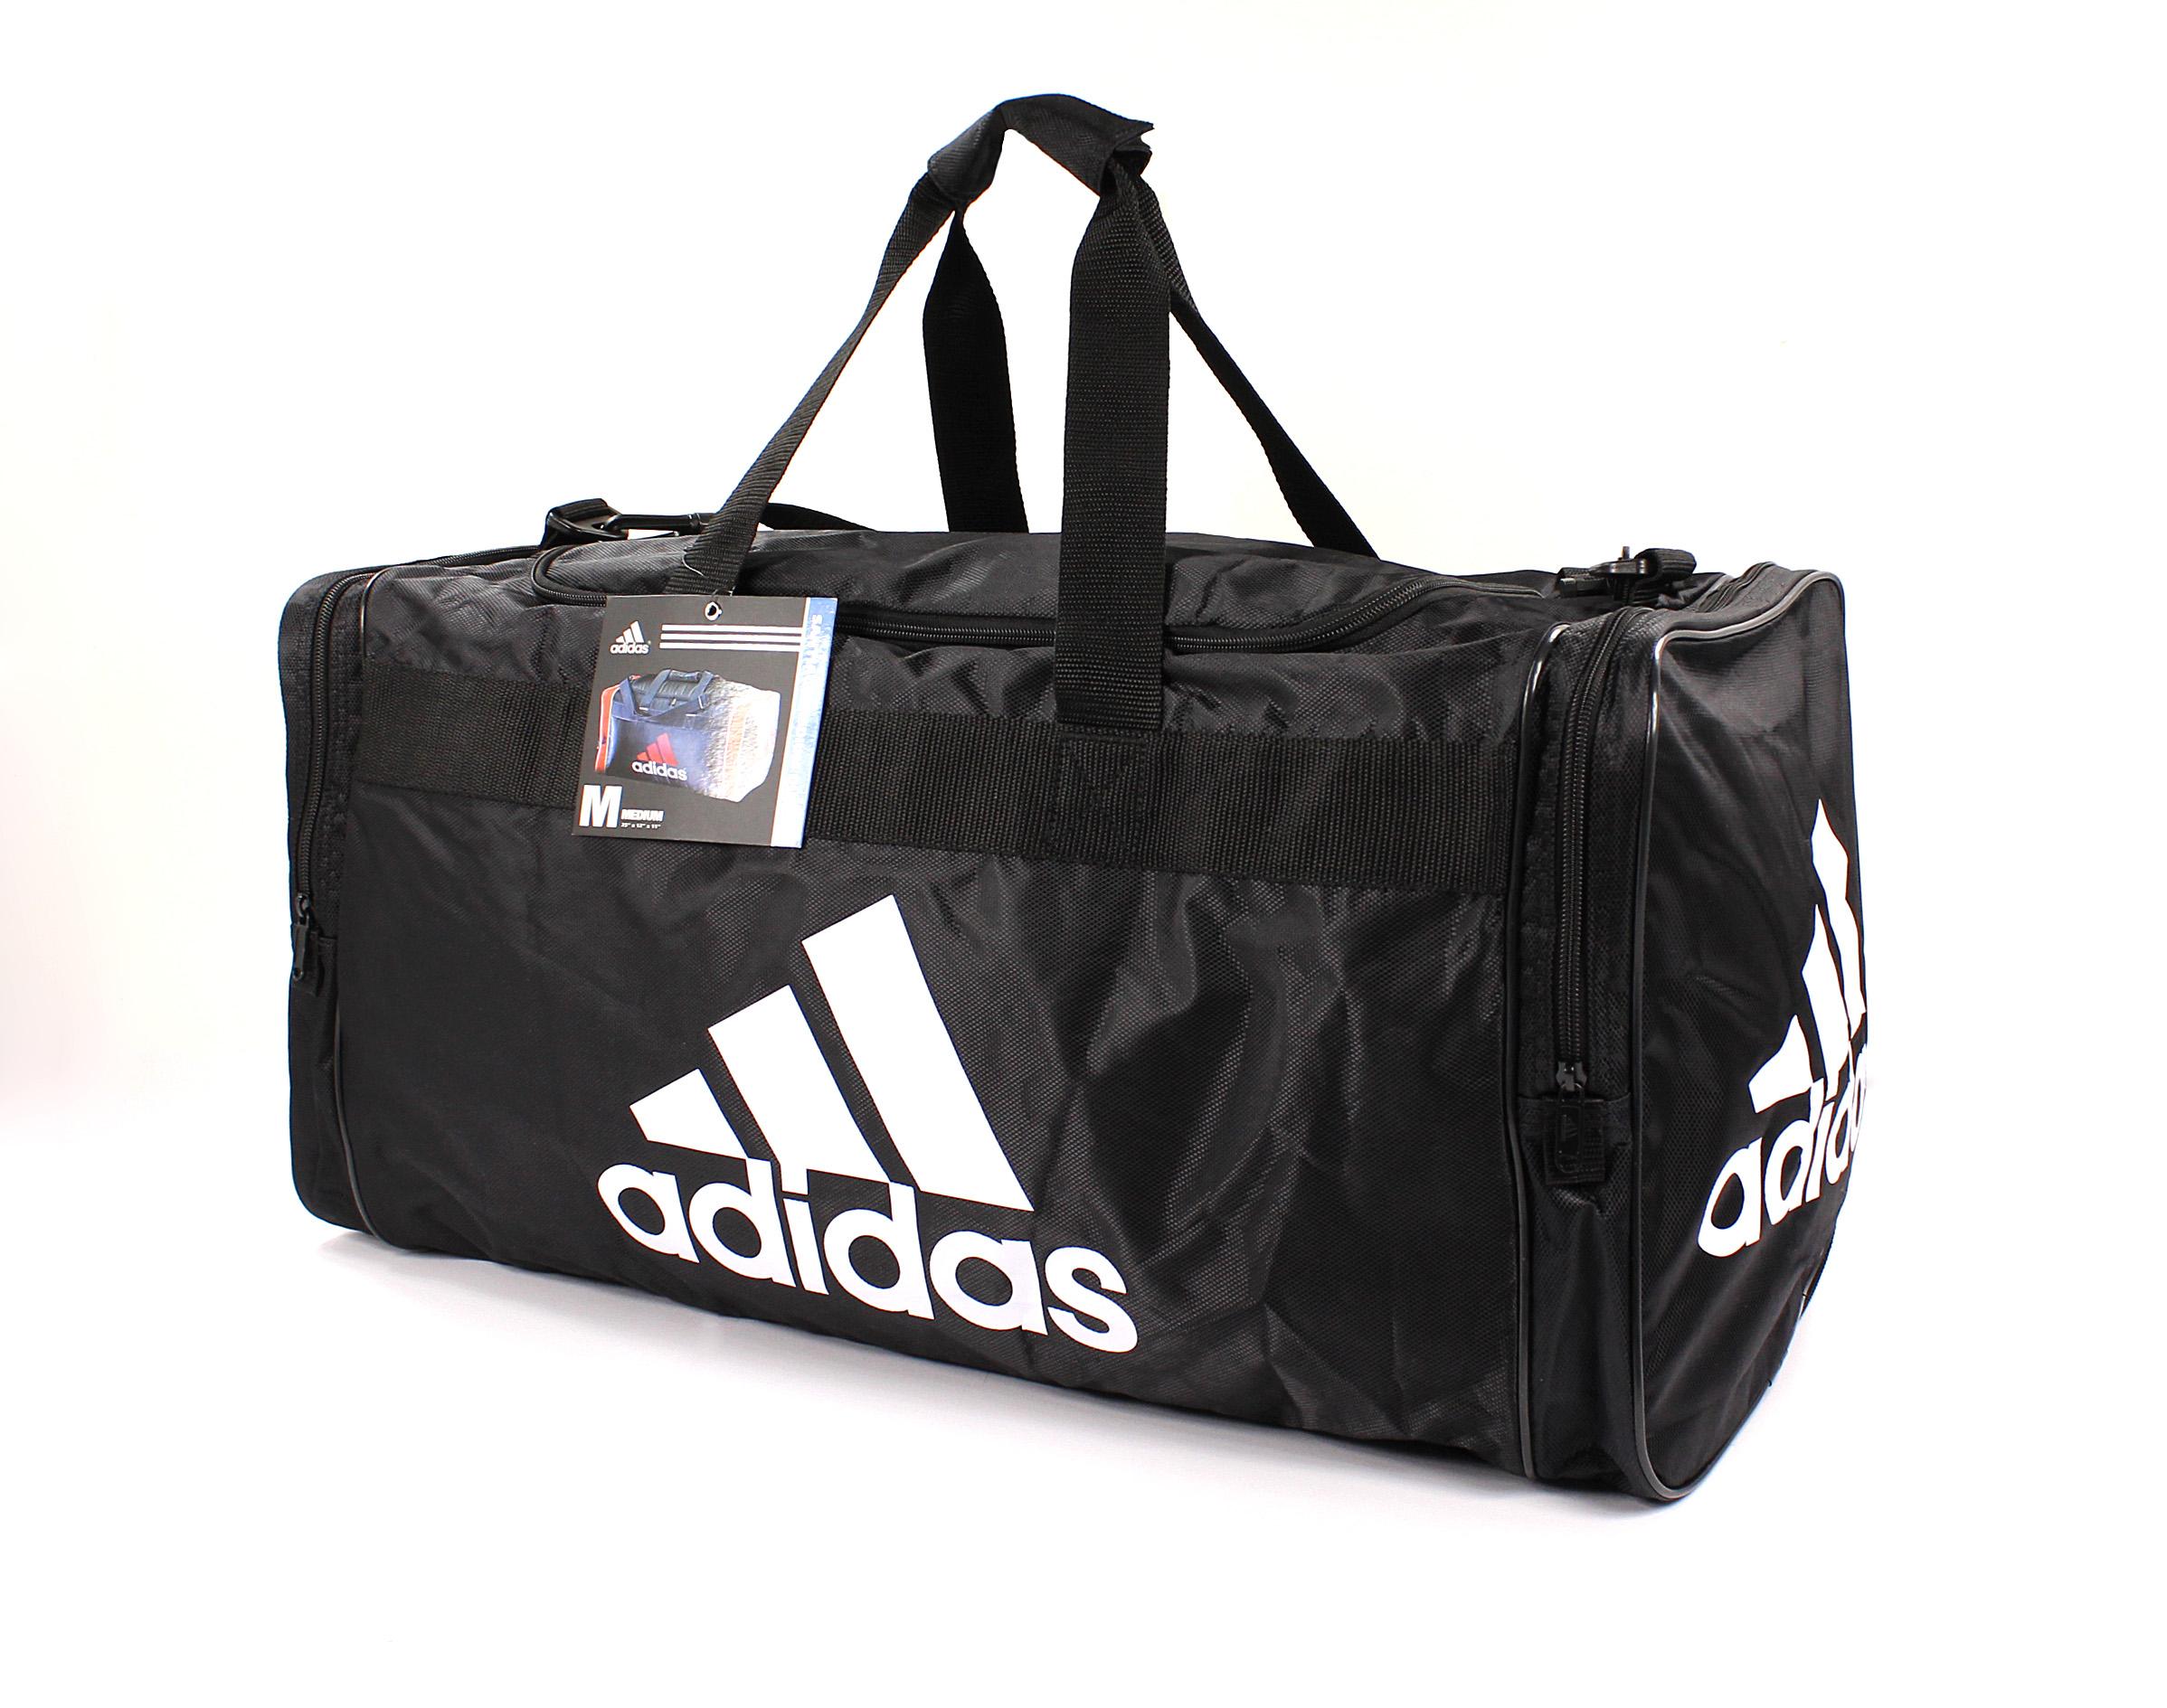 美國百分百【全新真品 】Adidas 旅行袋 愛迪達 黑 手提包 運動包 大包 男包 女包 行李 B796